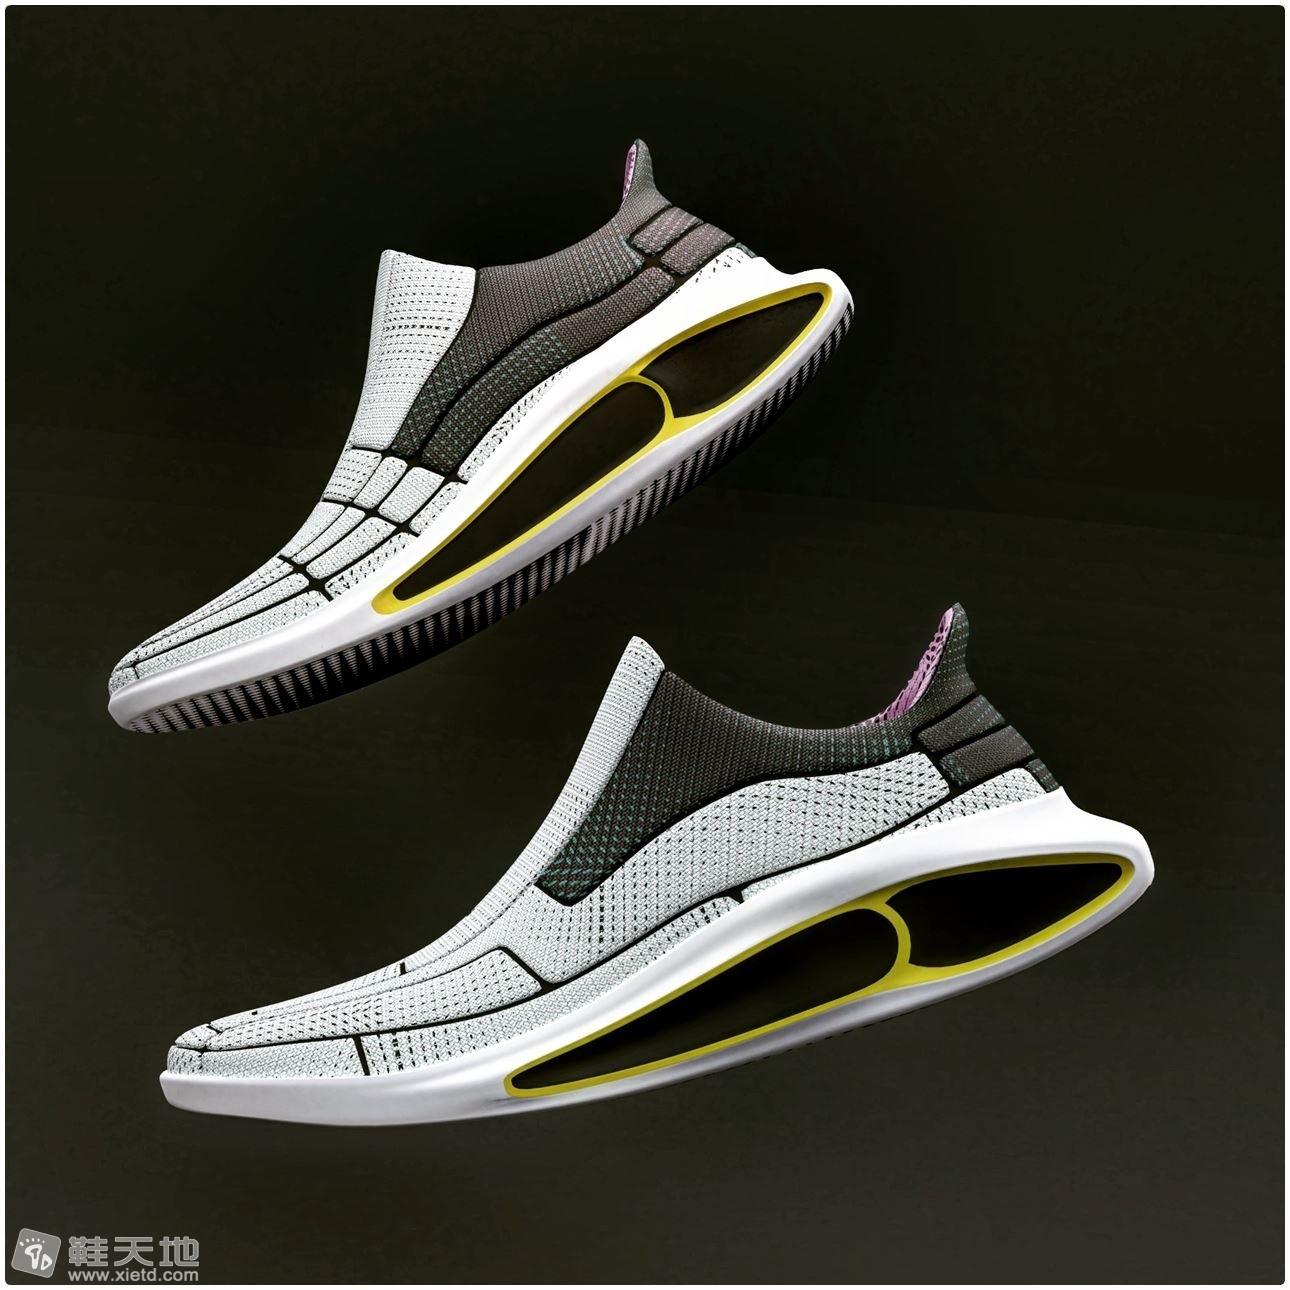 Sneaker concept (4).jpg